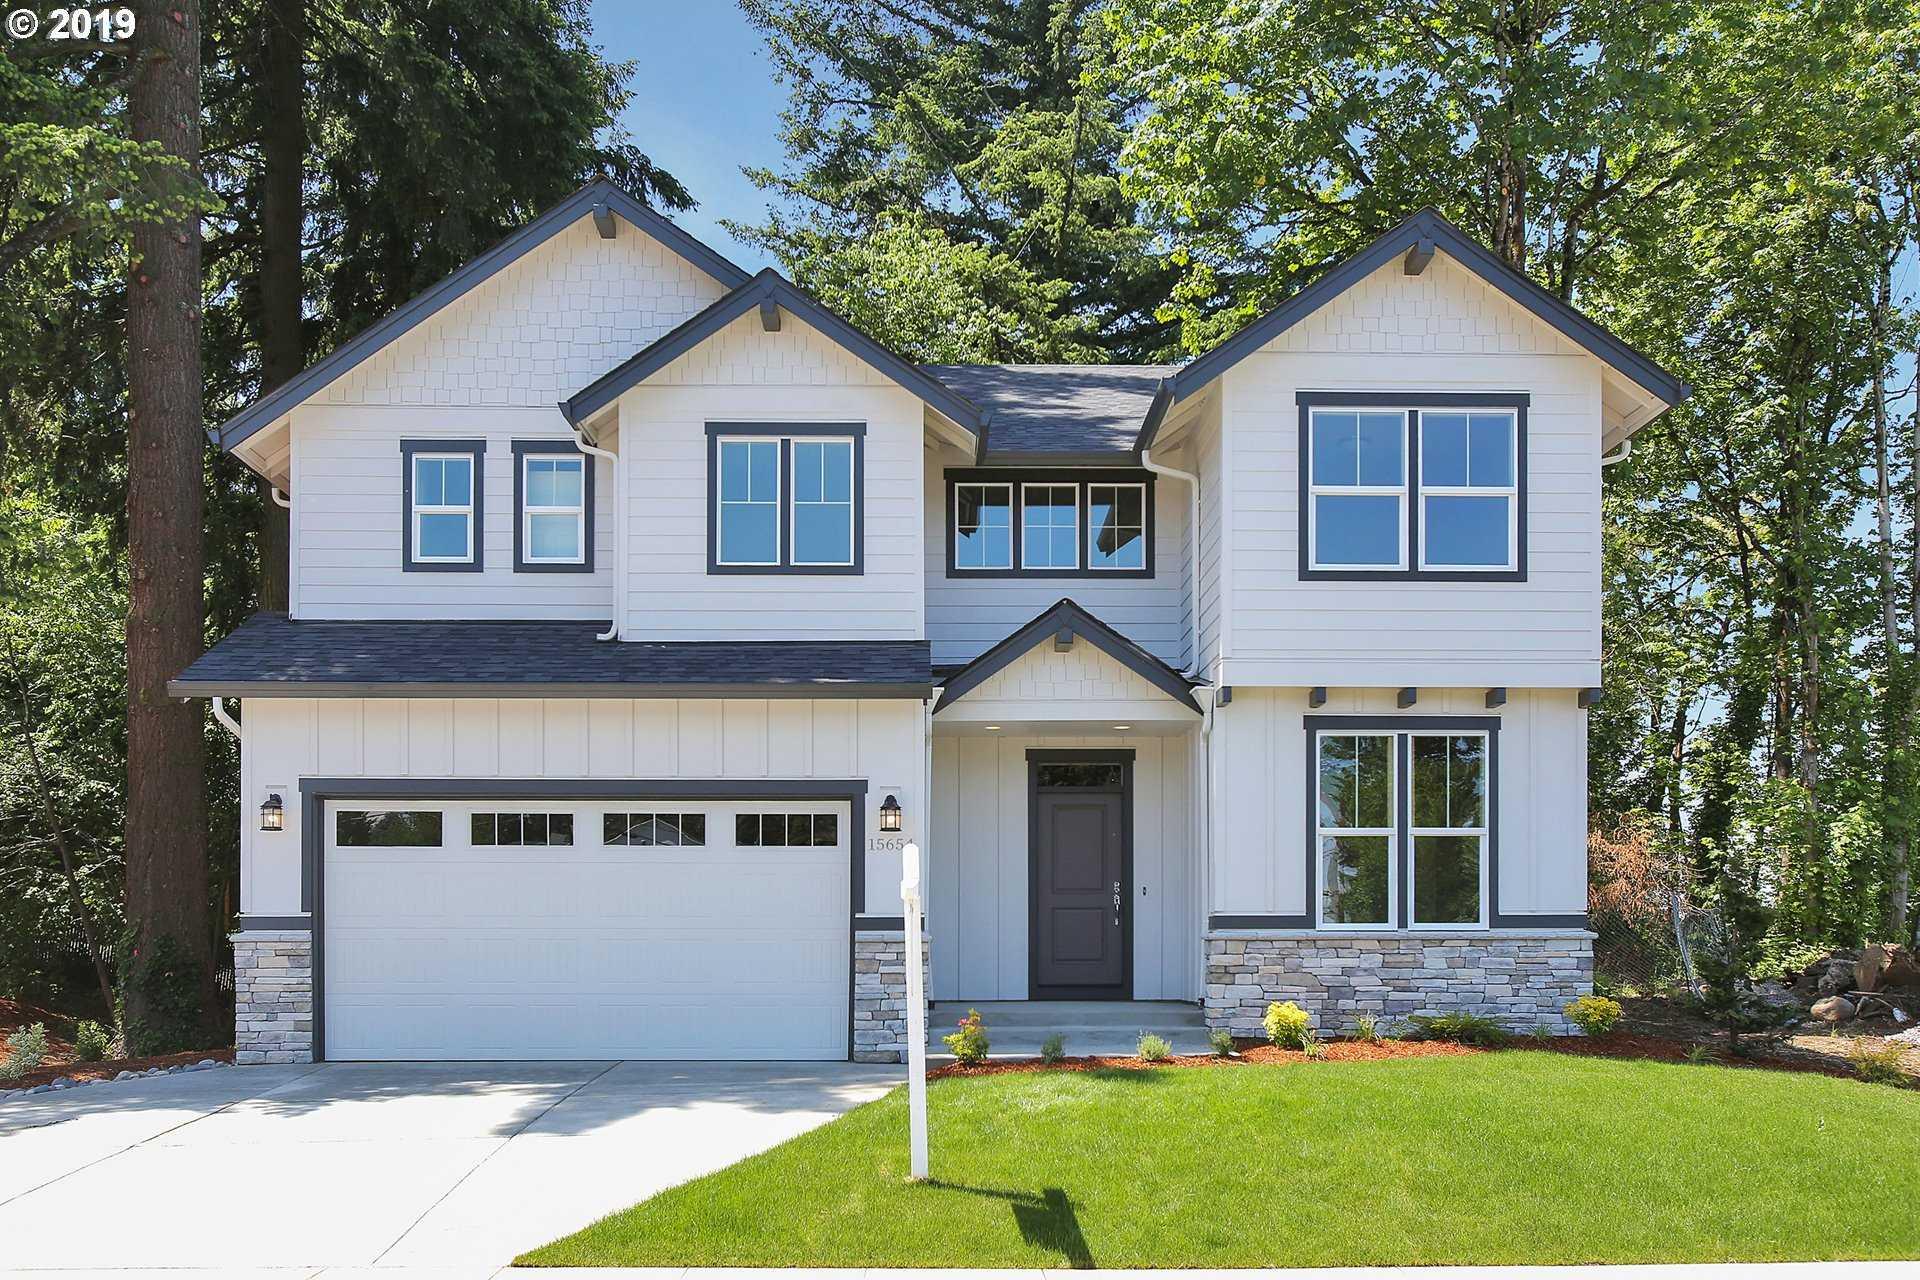 $489,000 - 4Br/3Ba -  for Sale in Halsey Highlands, Portland